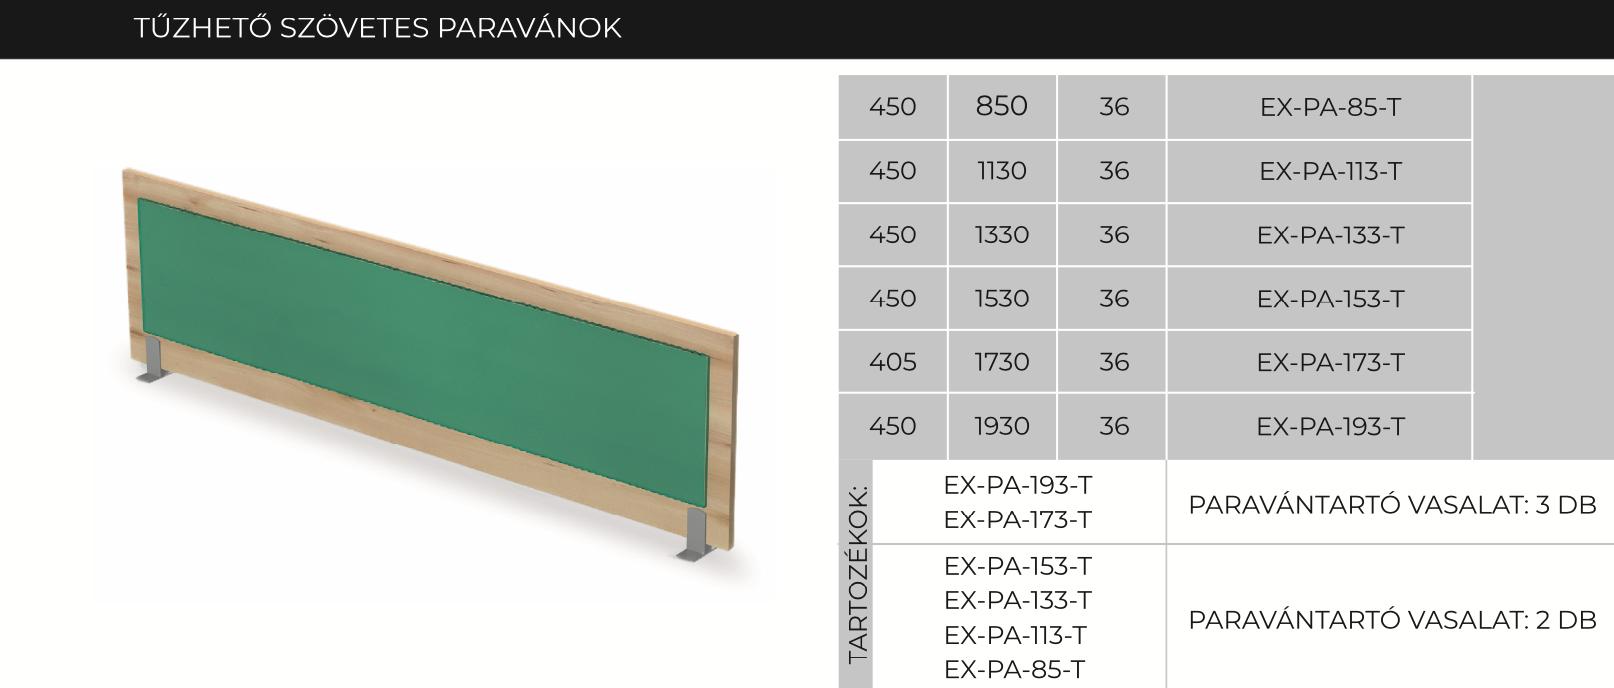 extend-paravanok-2